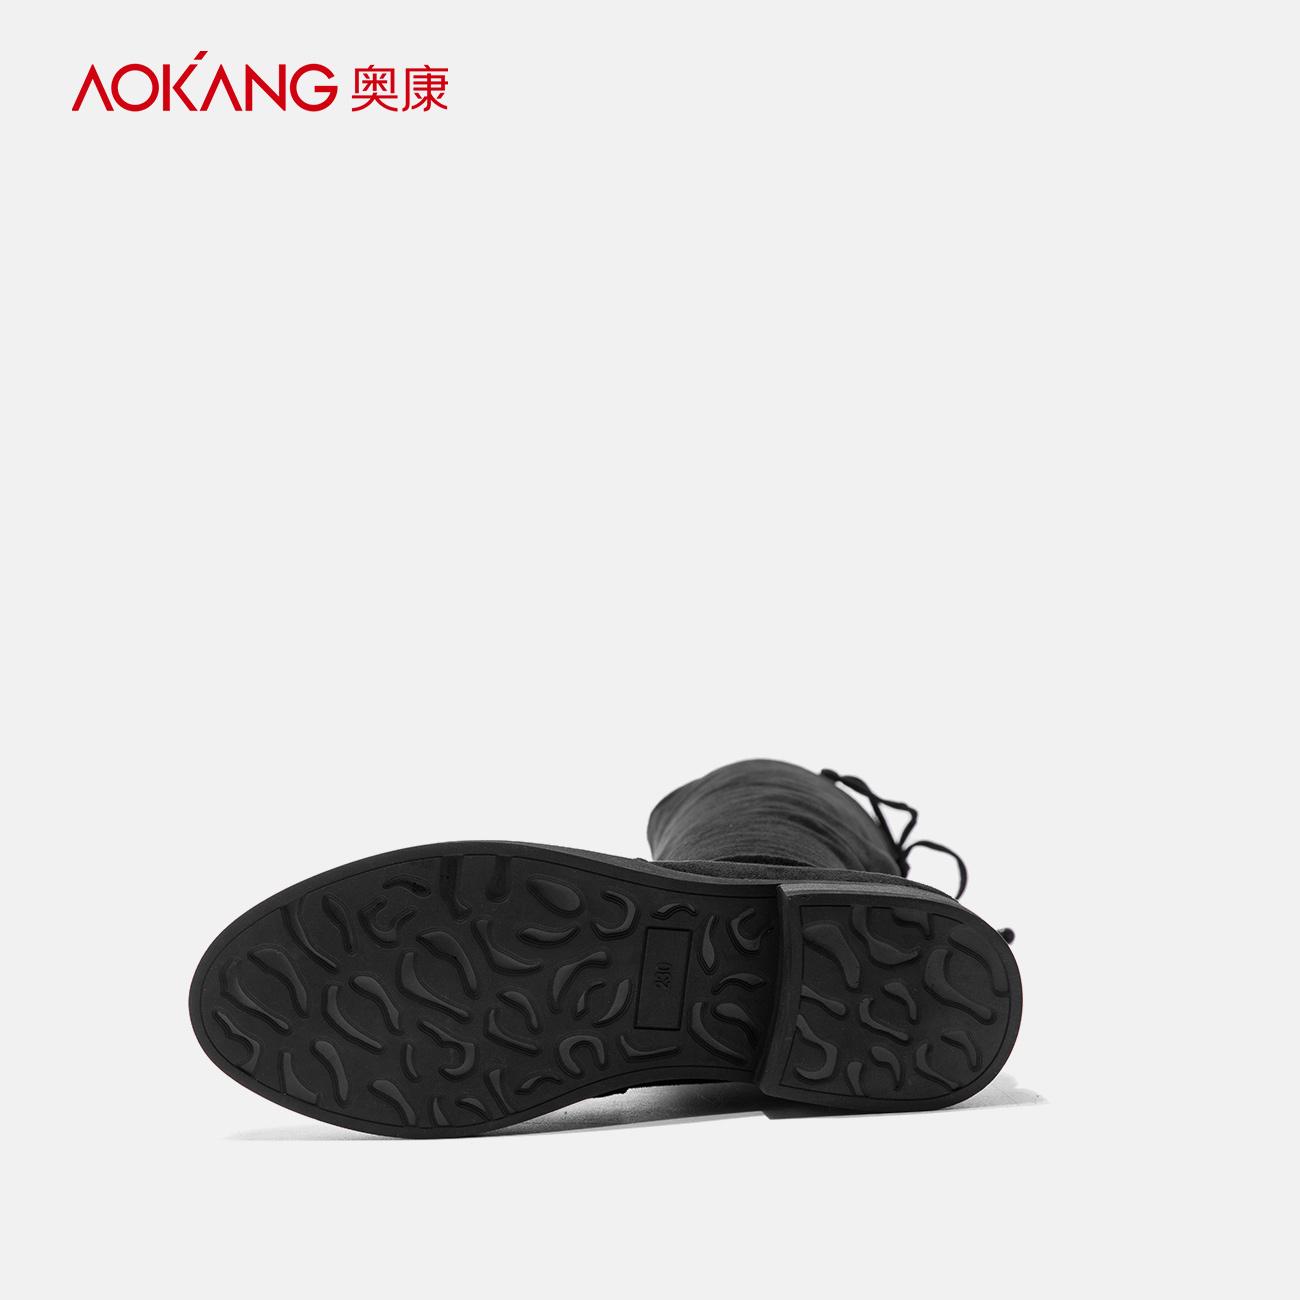 奥康女鞋冬季绒面简约纯色女靴时尚套筒过膝靴低跟舒适长筒弹力靴